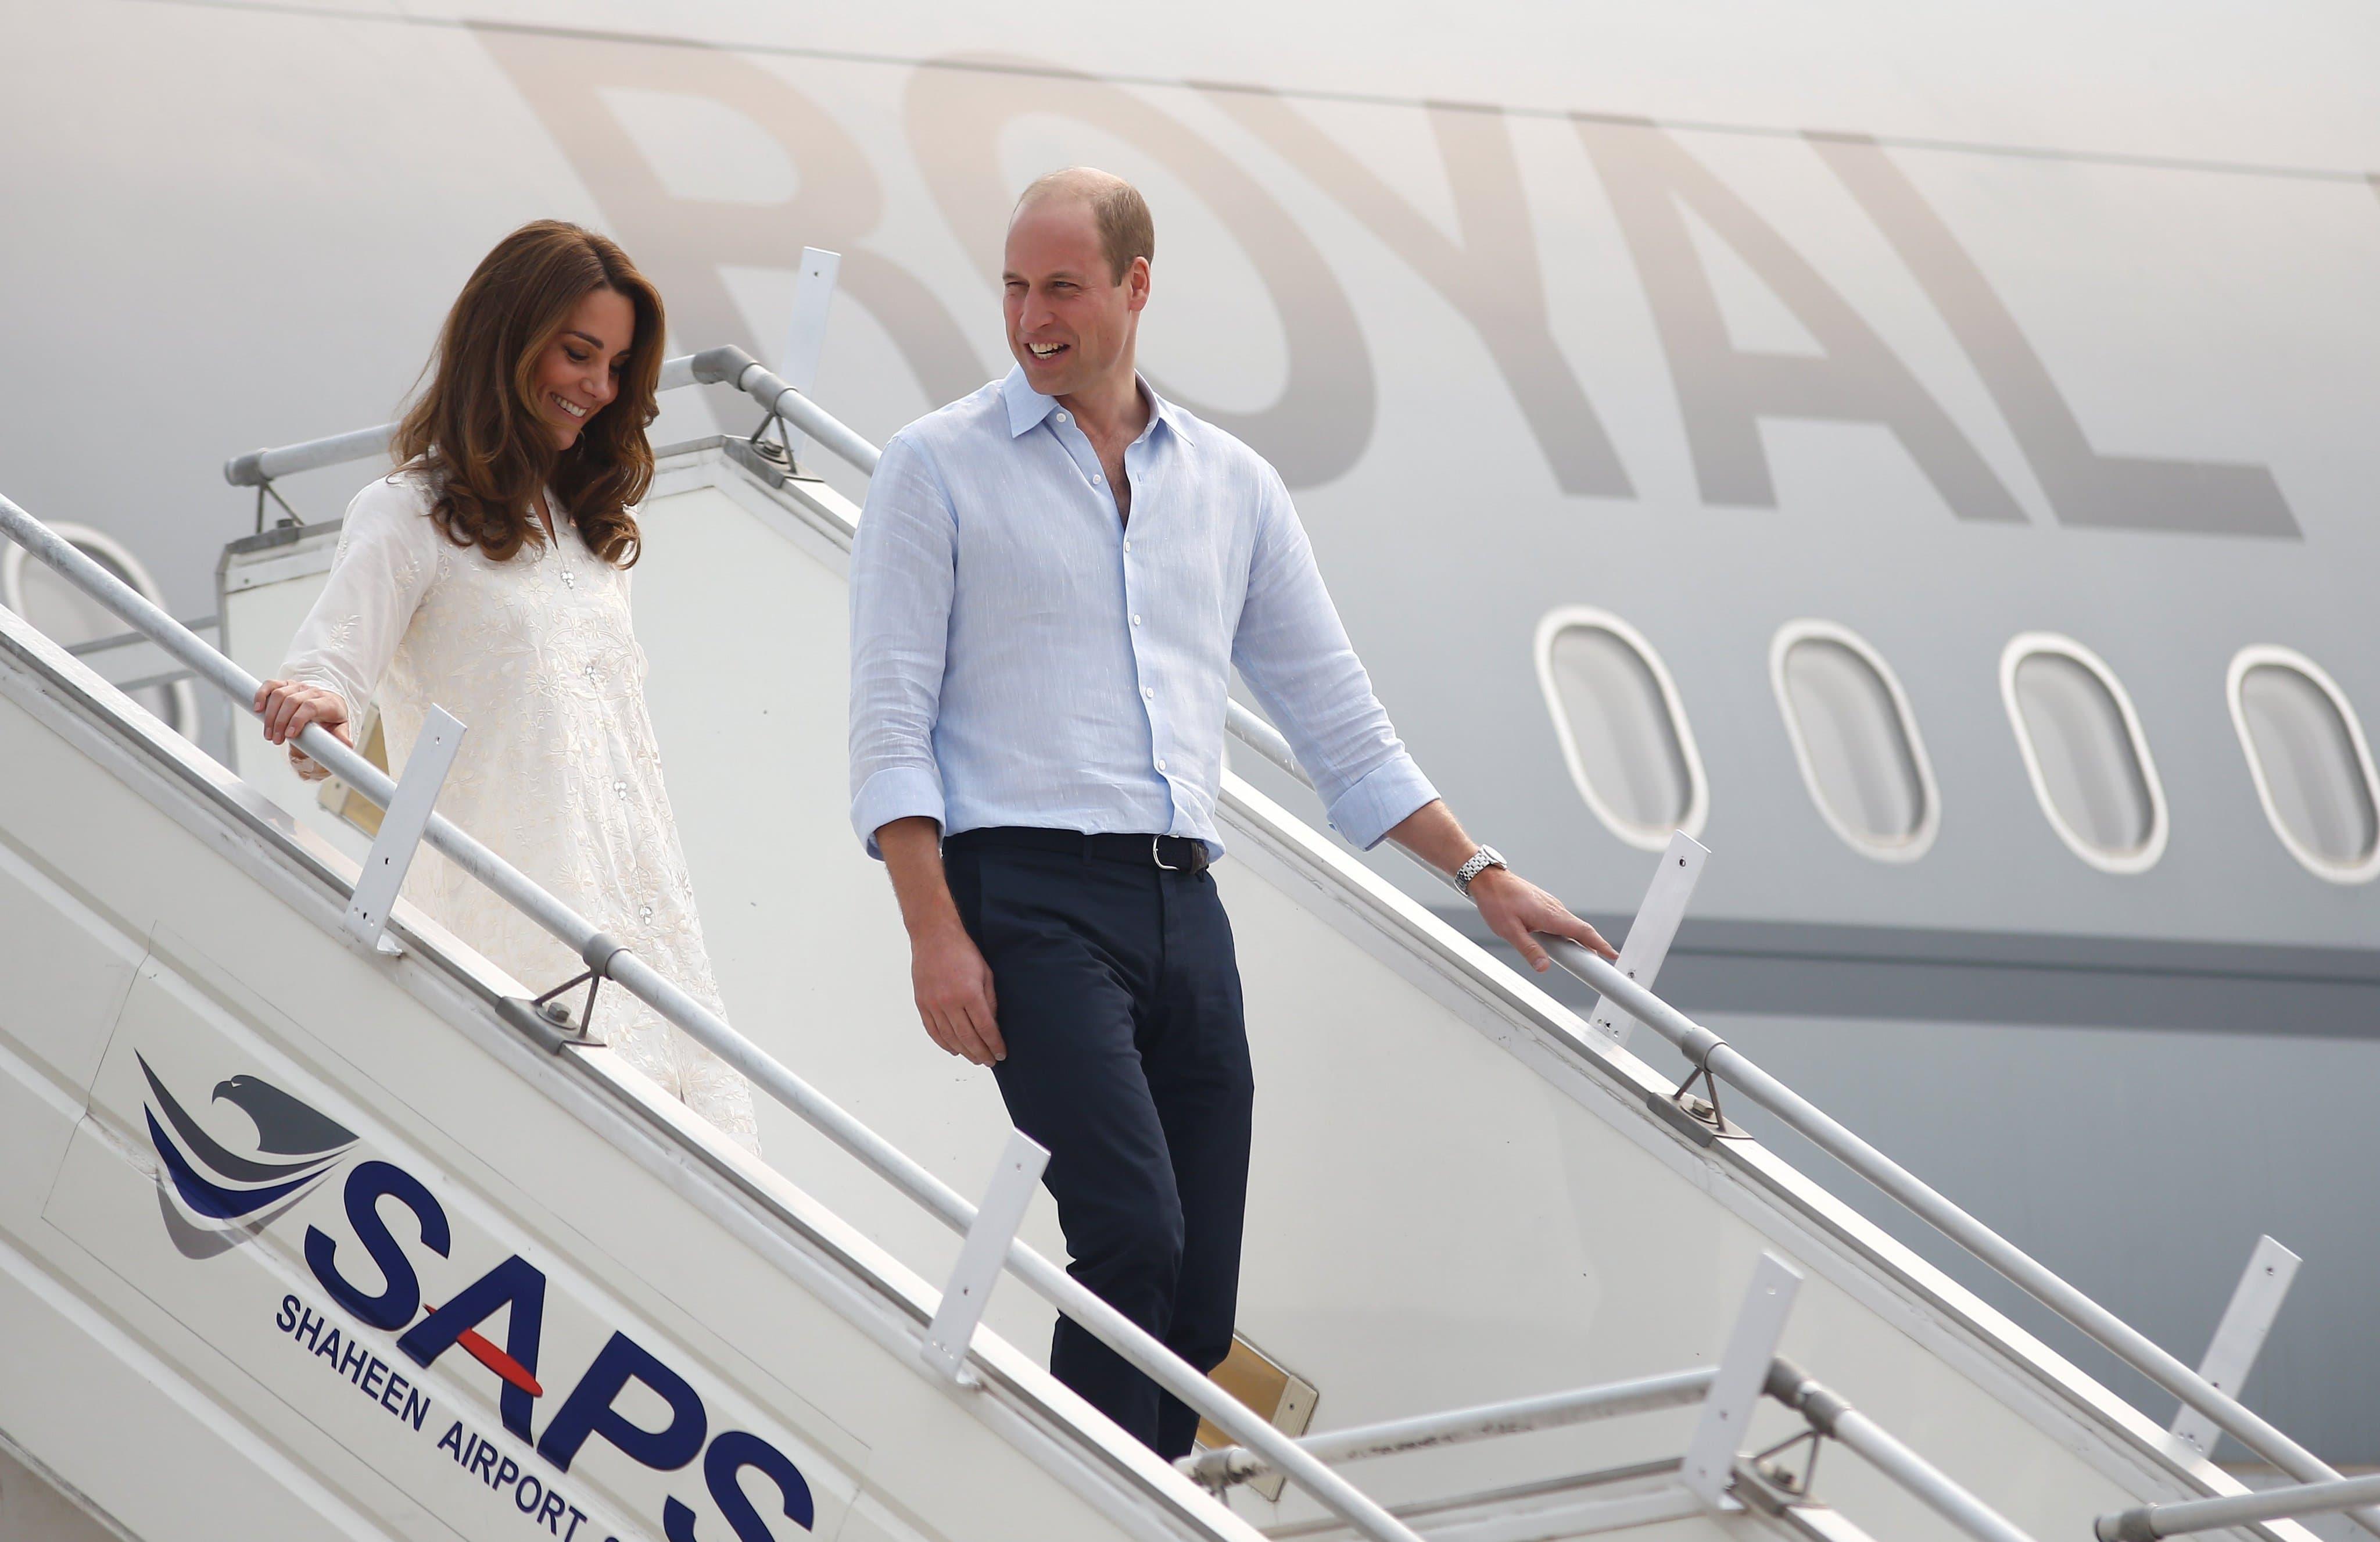 برطانوی شہزادی کیٹ مڈلٹن پاکستانی ثقافت کے رنگ میں ڈھل گئیں—فوٹو: پنجاب حکومت